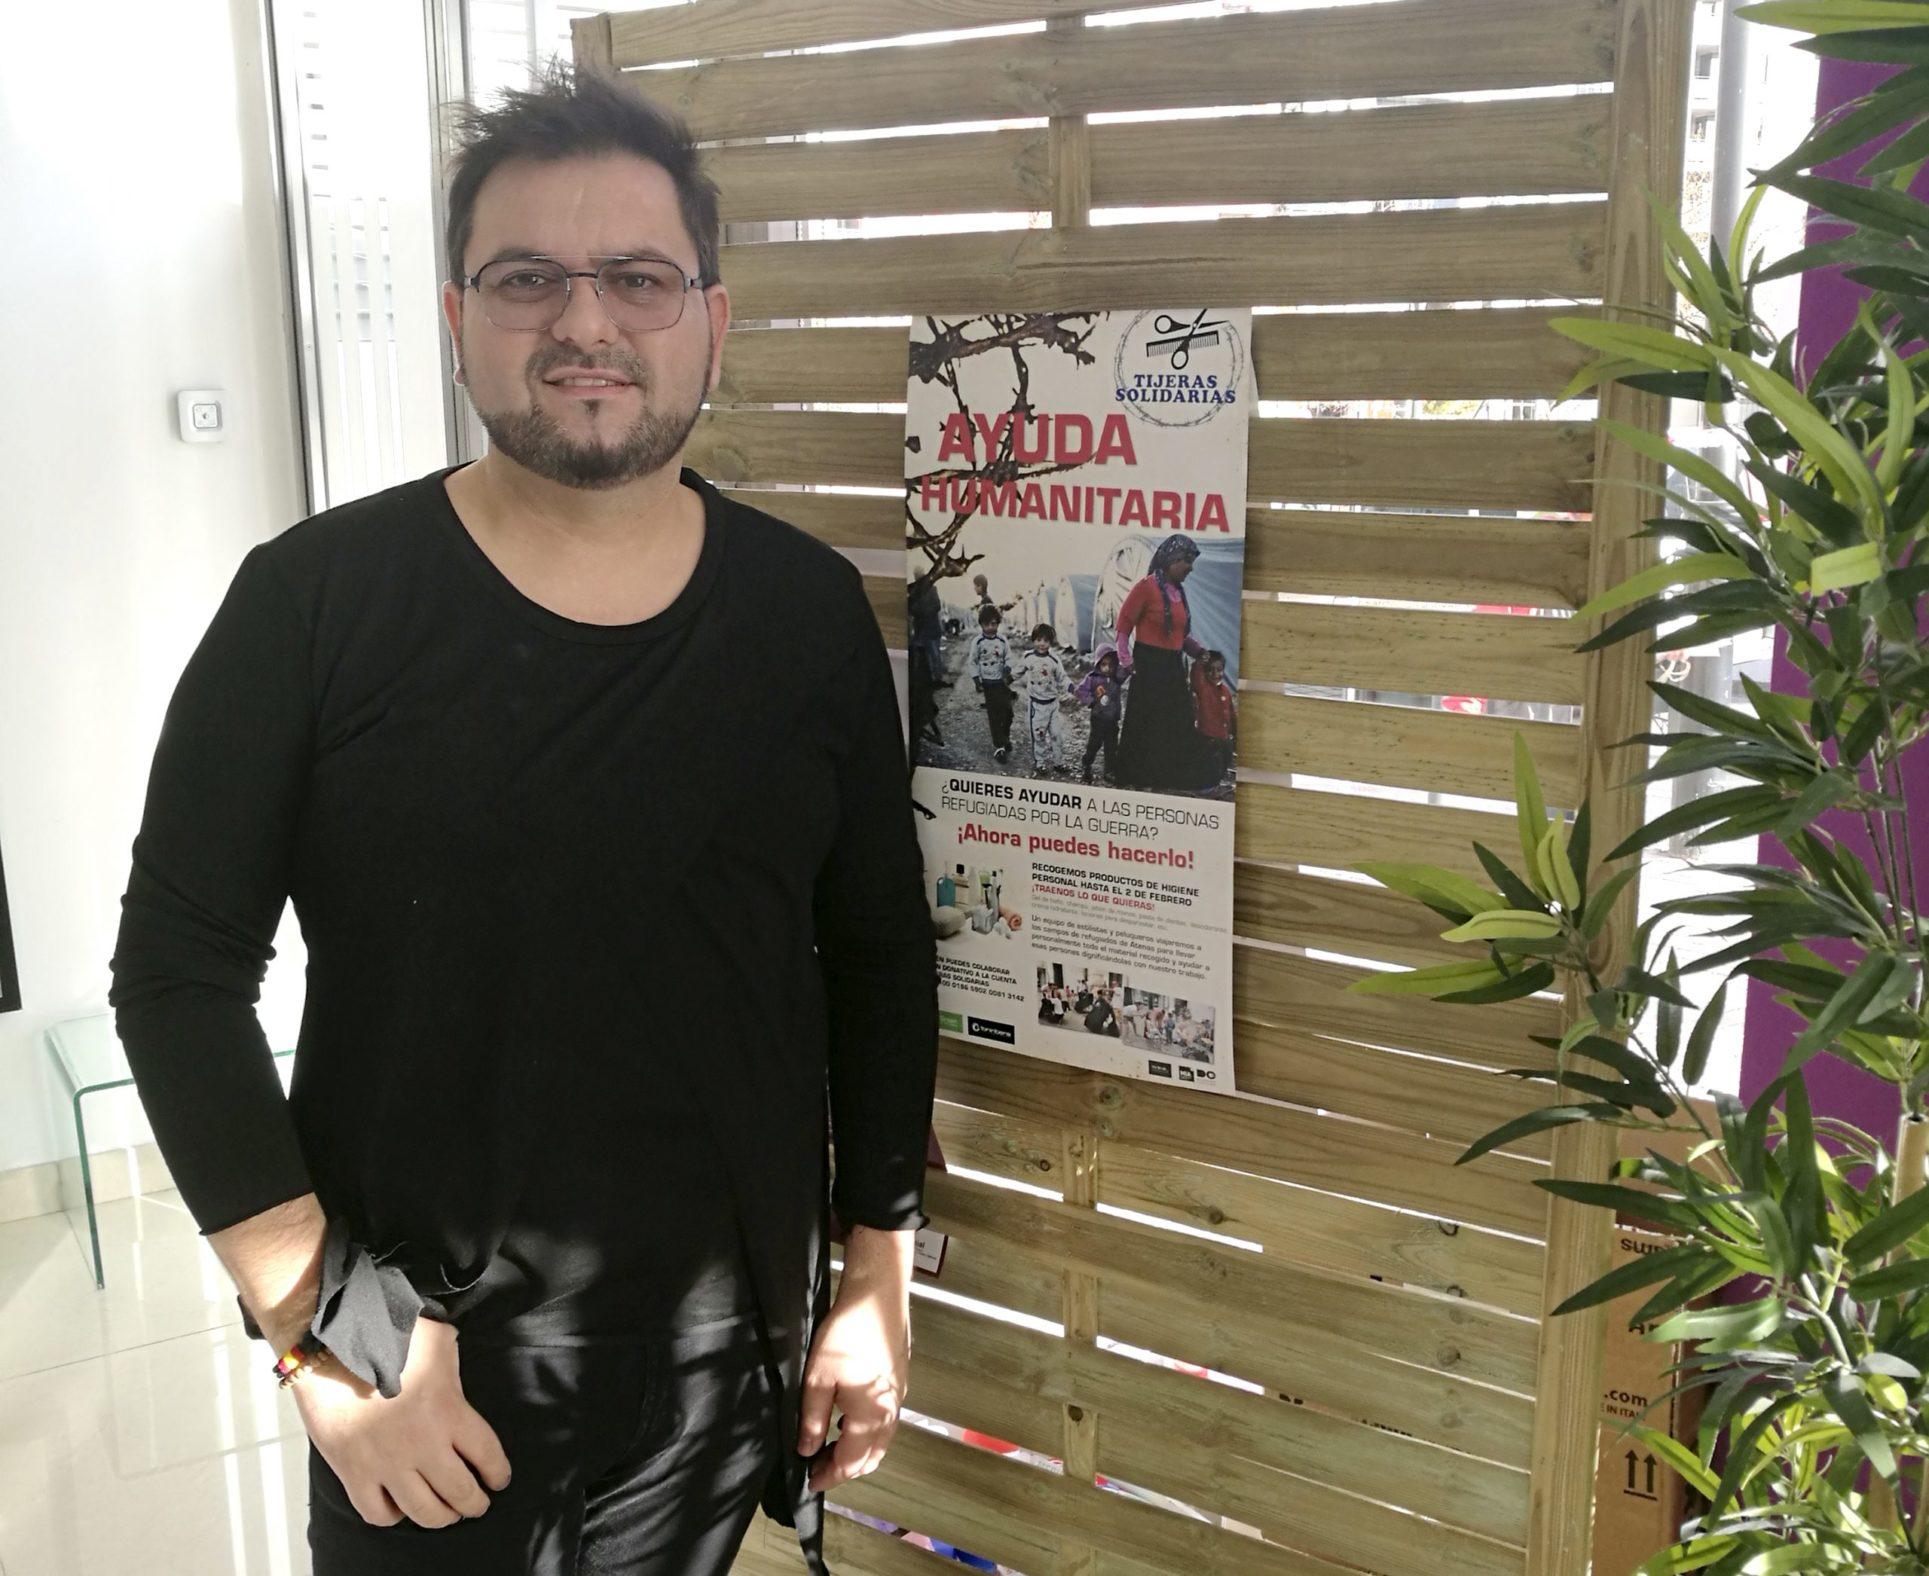 Una campanya solidària d'ajuda als refugiats El Periòdic d'Ontinyent - Noticies a Ontinyent